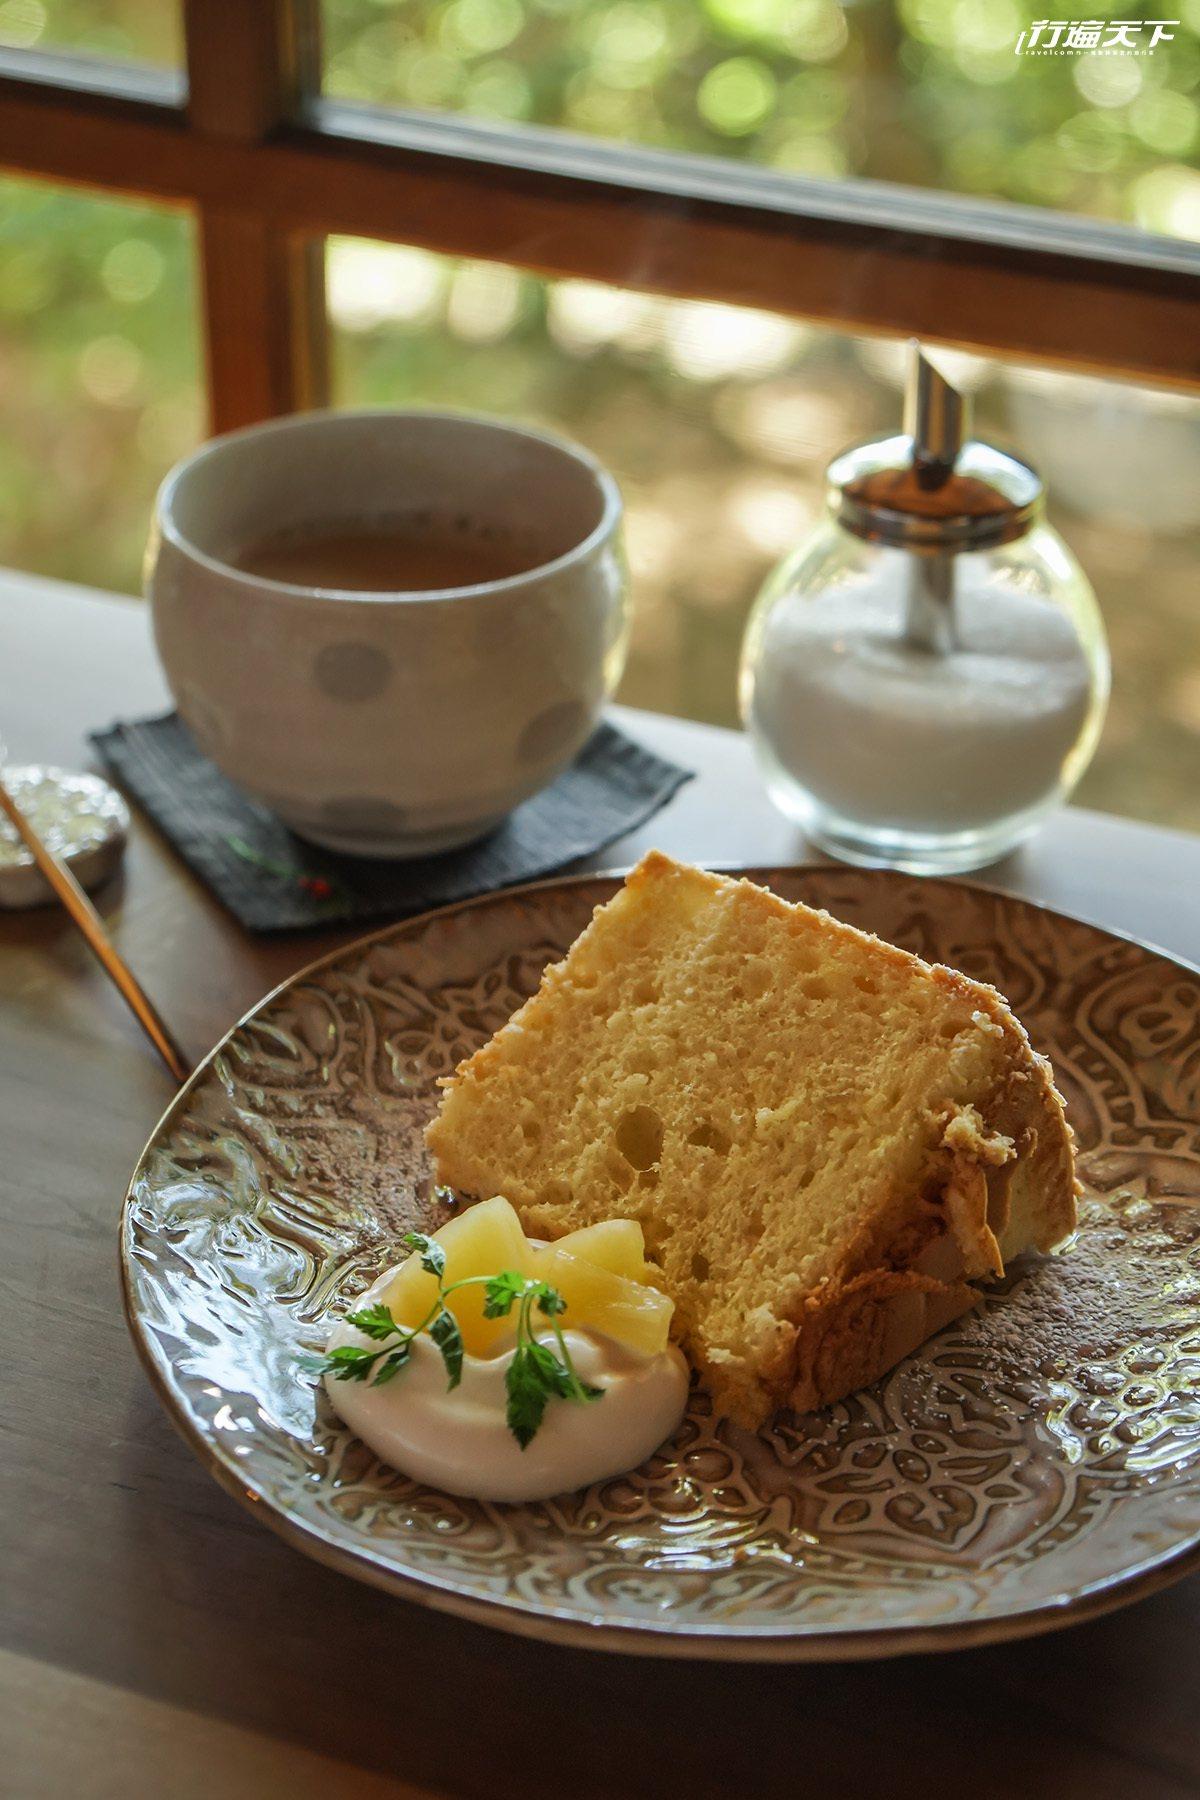 ▲戚風蛋糕最適合悠哉午後佐茶同享。